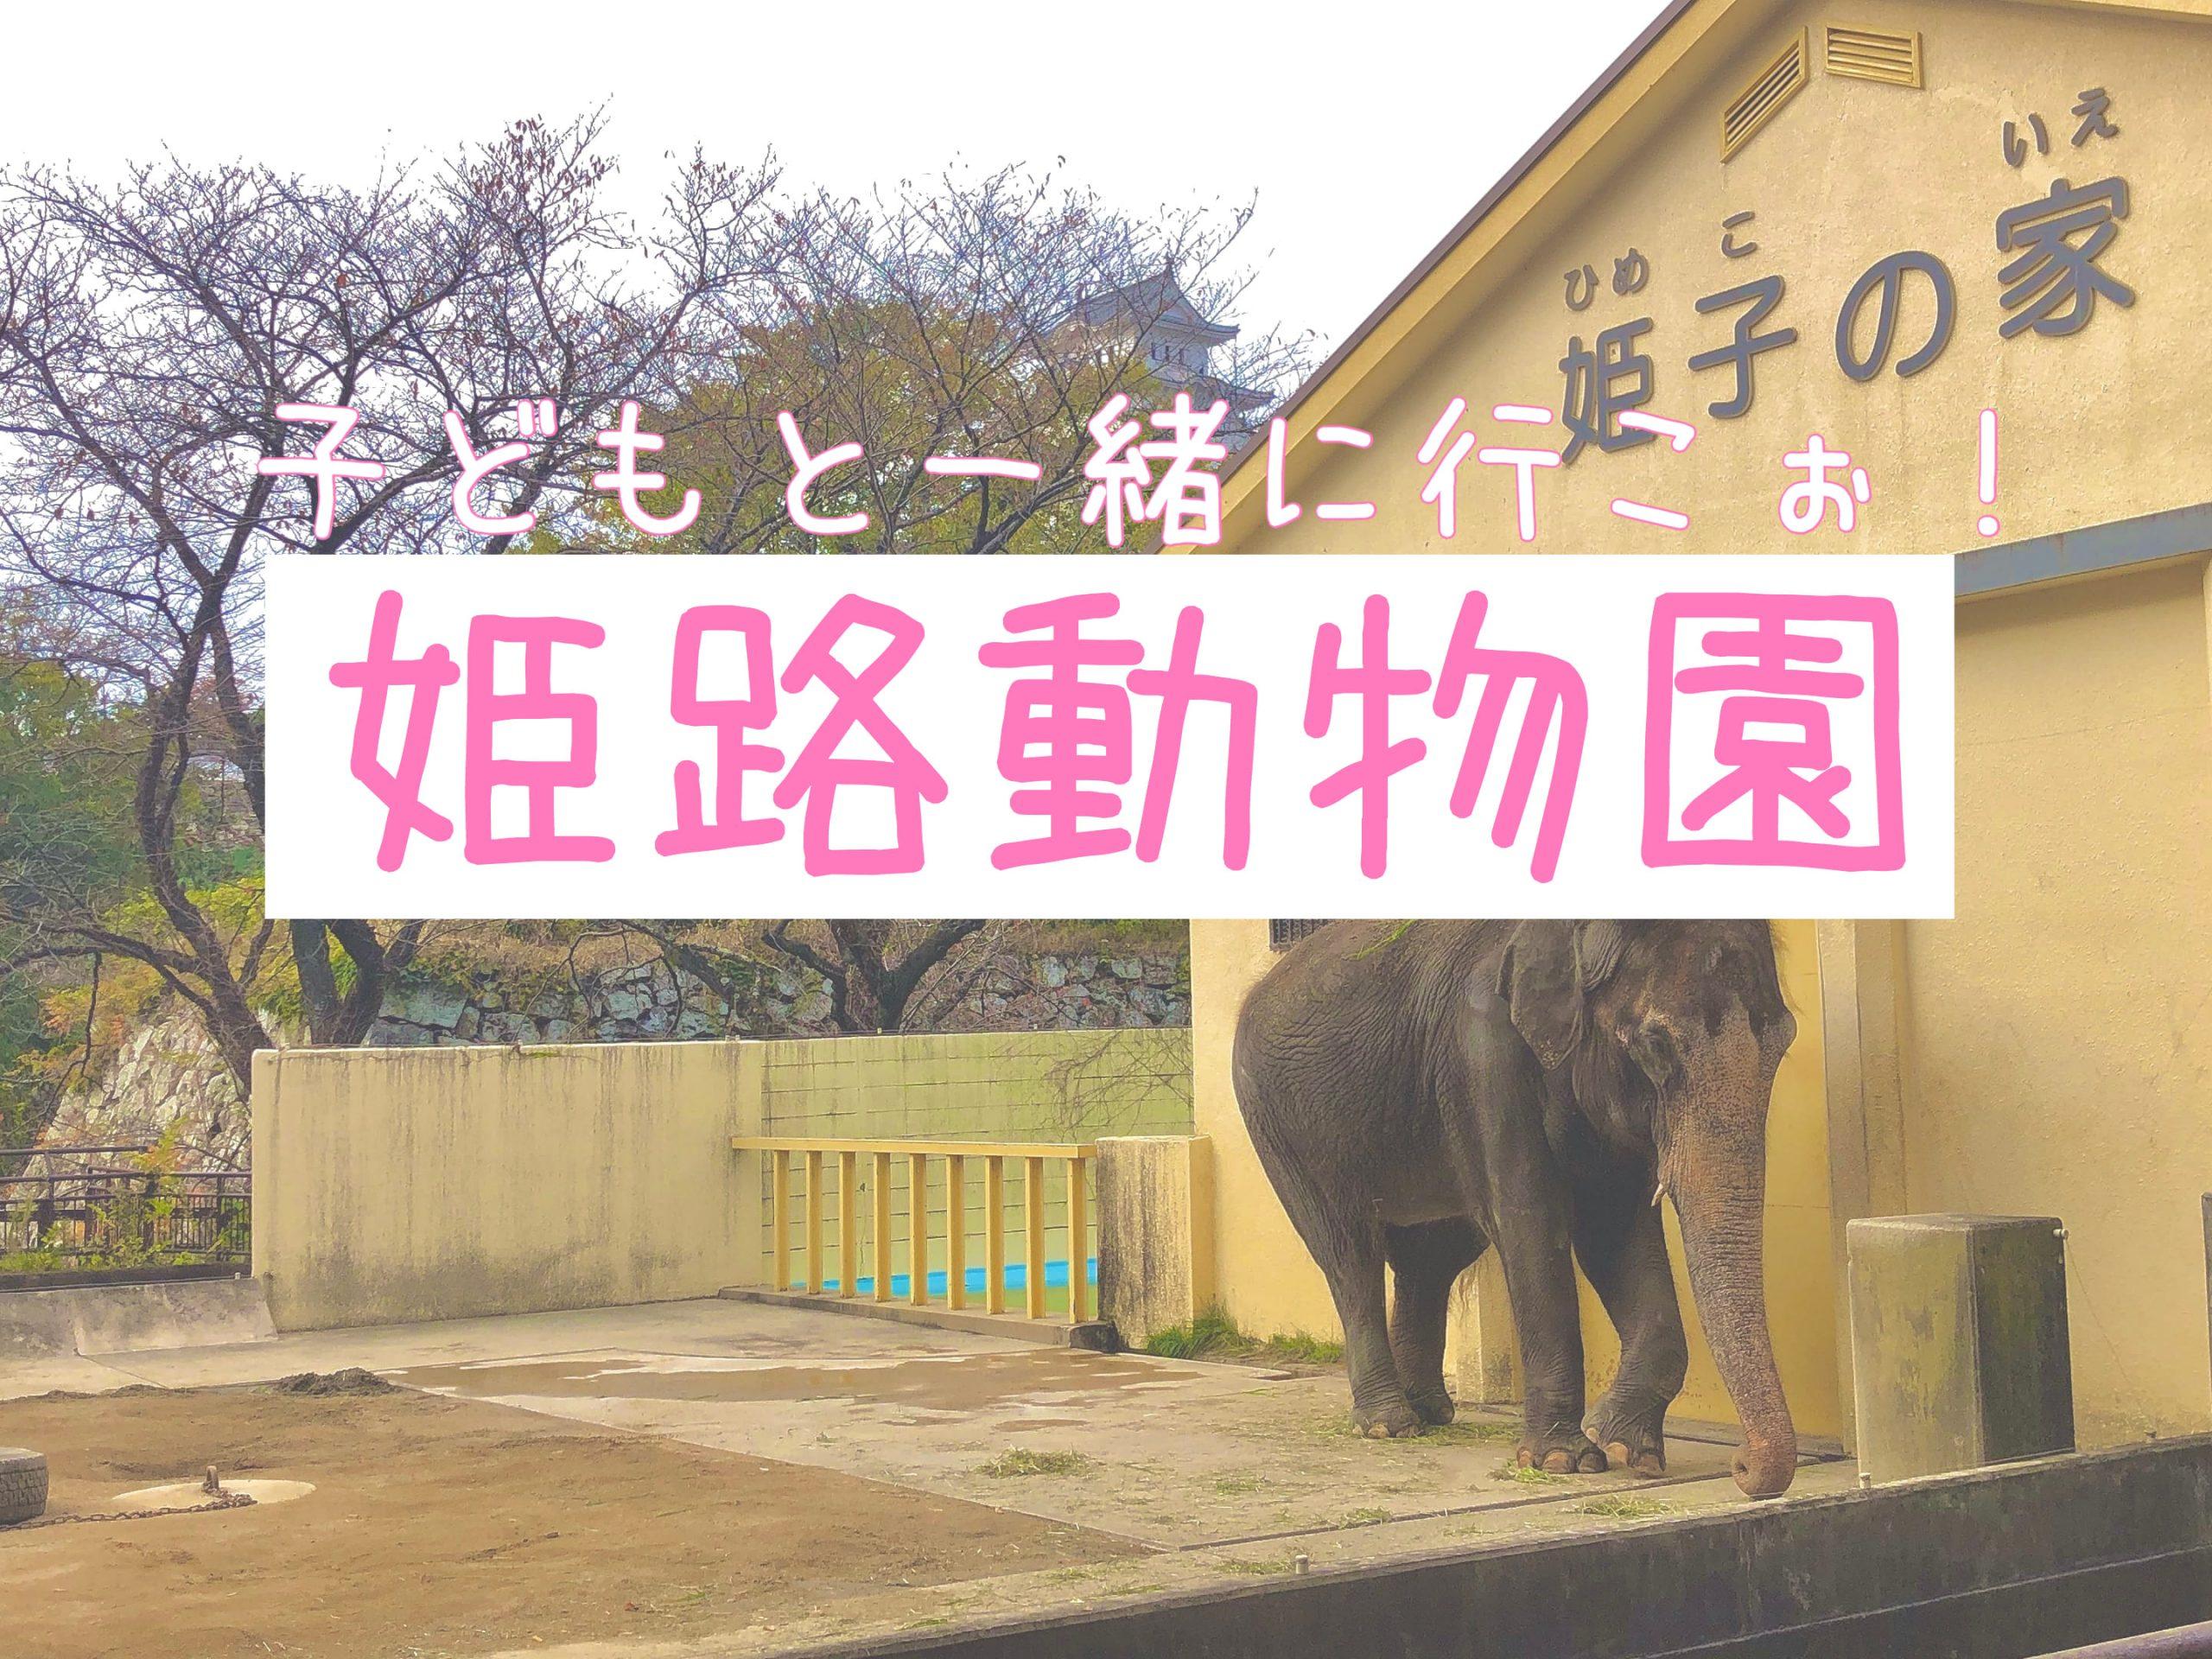 動物園アイキャッチ